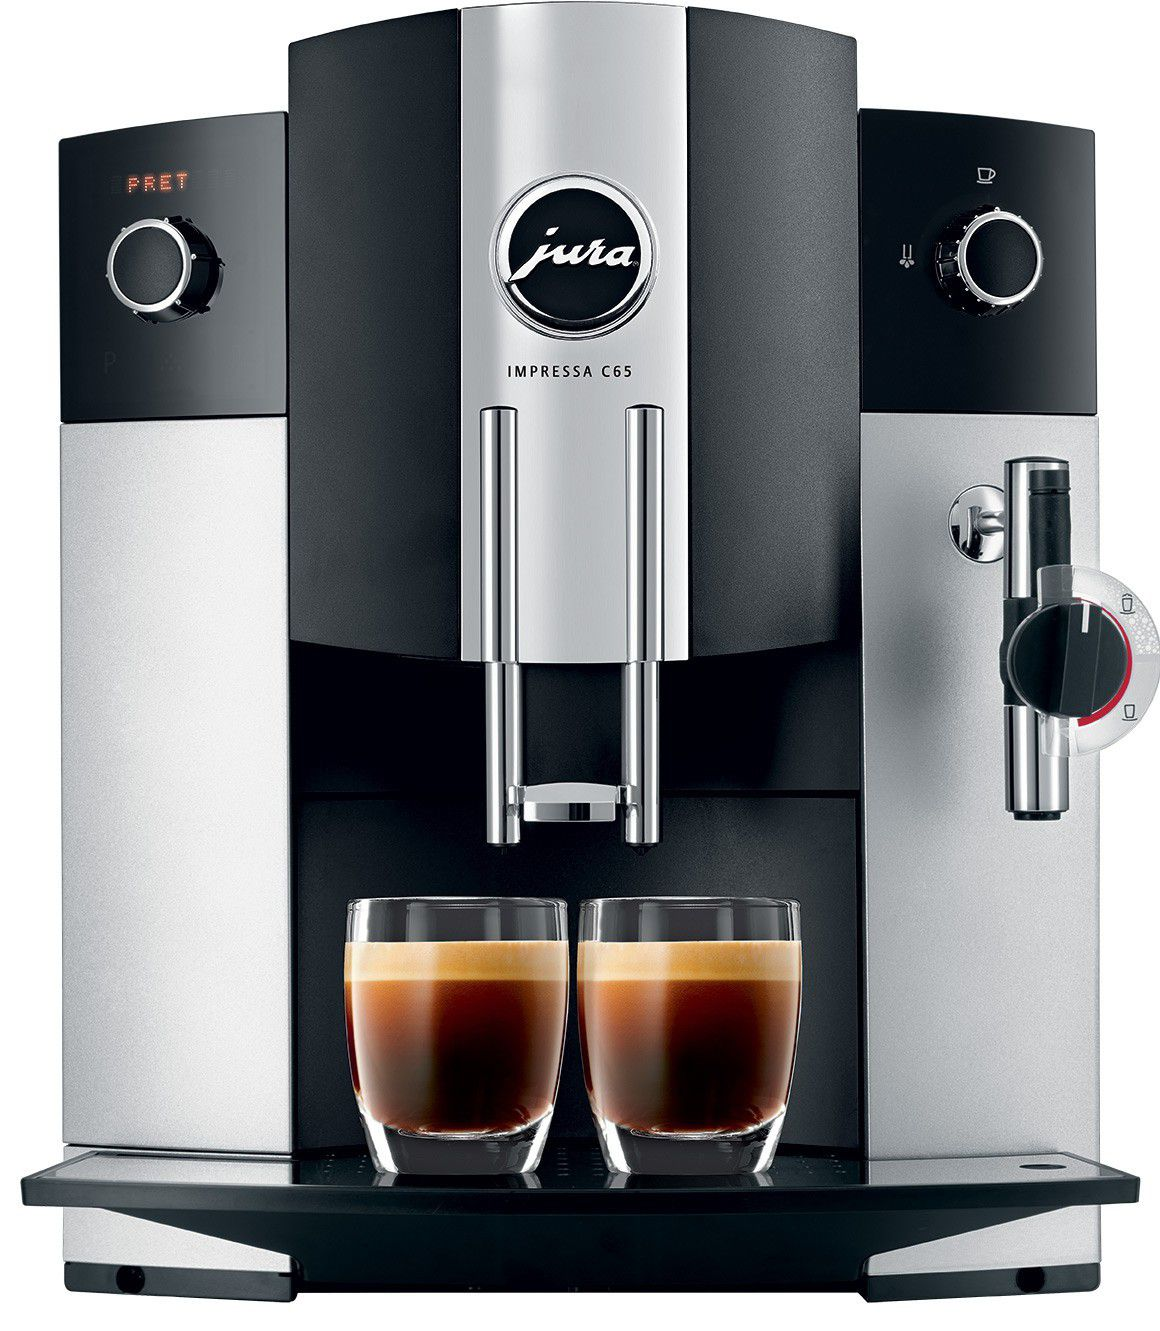 jura impressa c60 c65 test complet cafeti re automatique avec broyeur les num riques. Black Bedroom Furniture Sets. Home Design Ideas